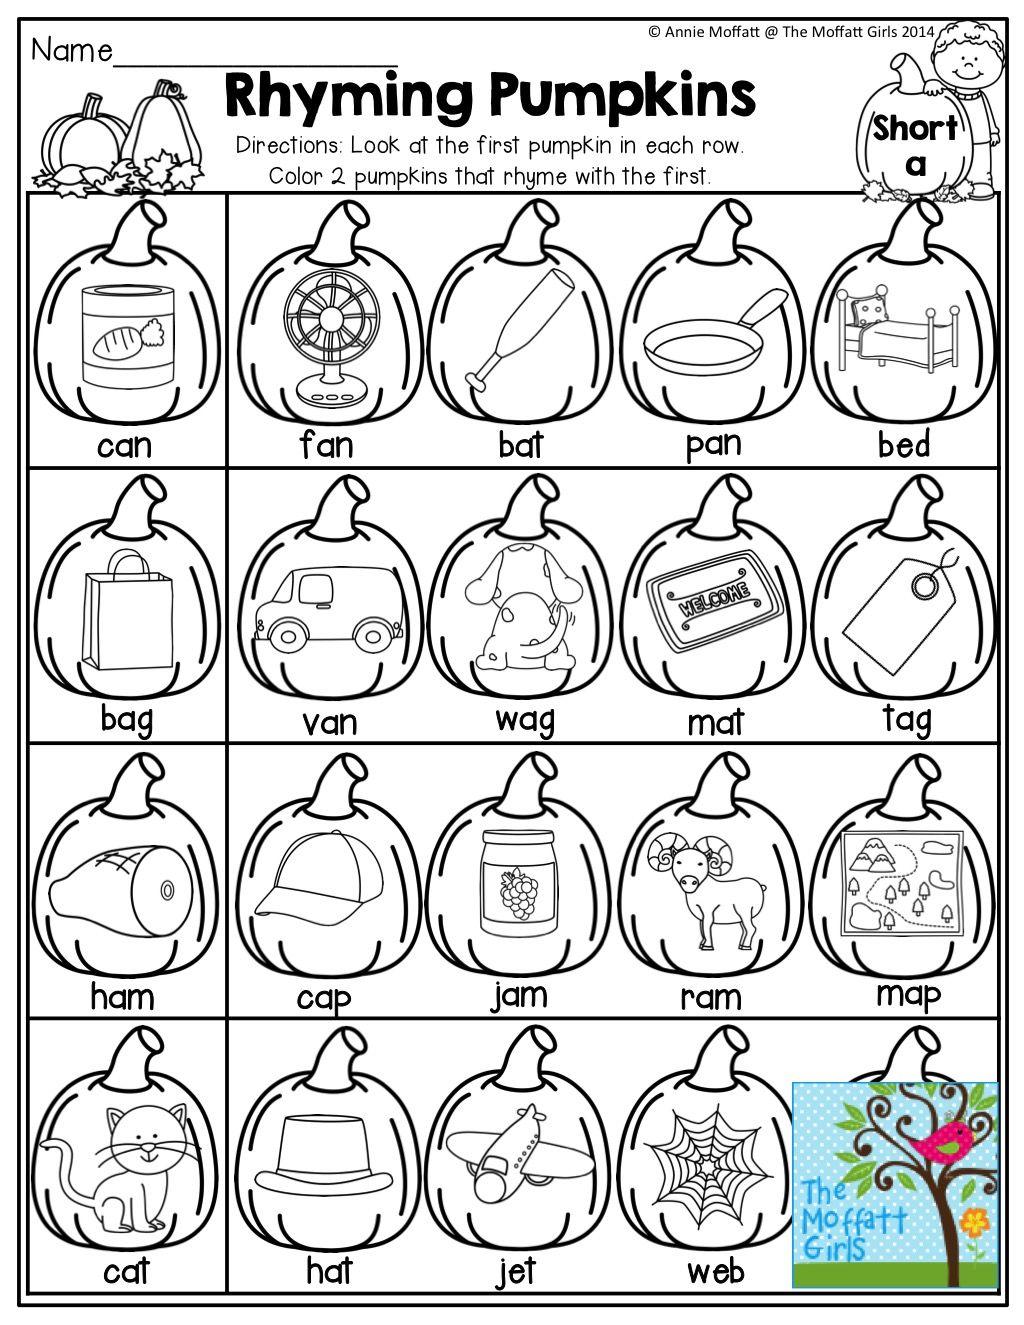 rhyming pumpkins match the first pumpkin with the pumpkin that